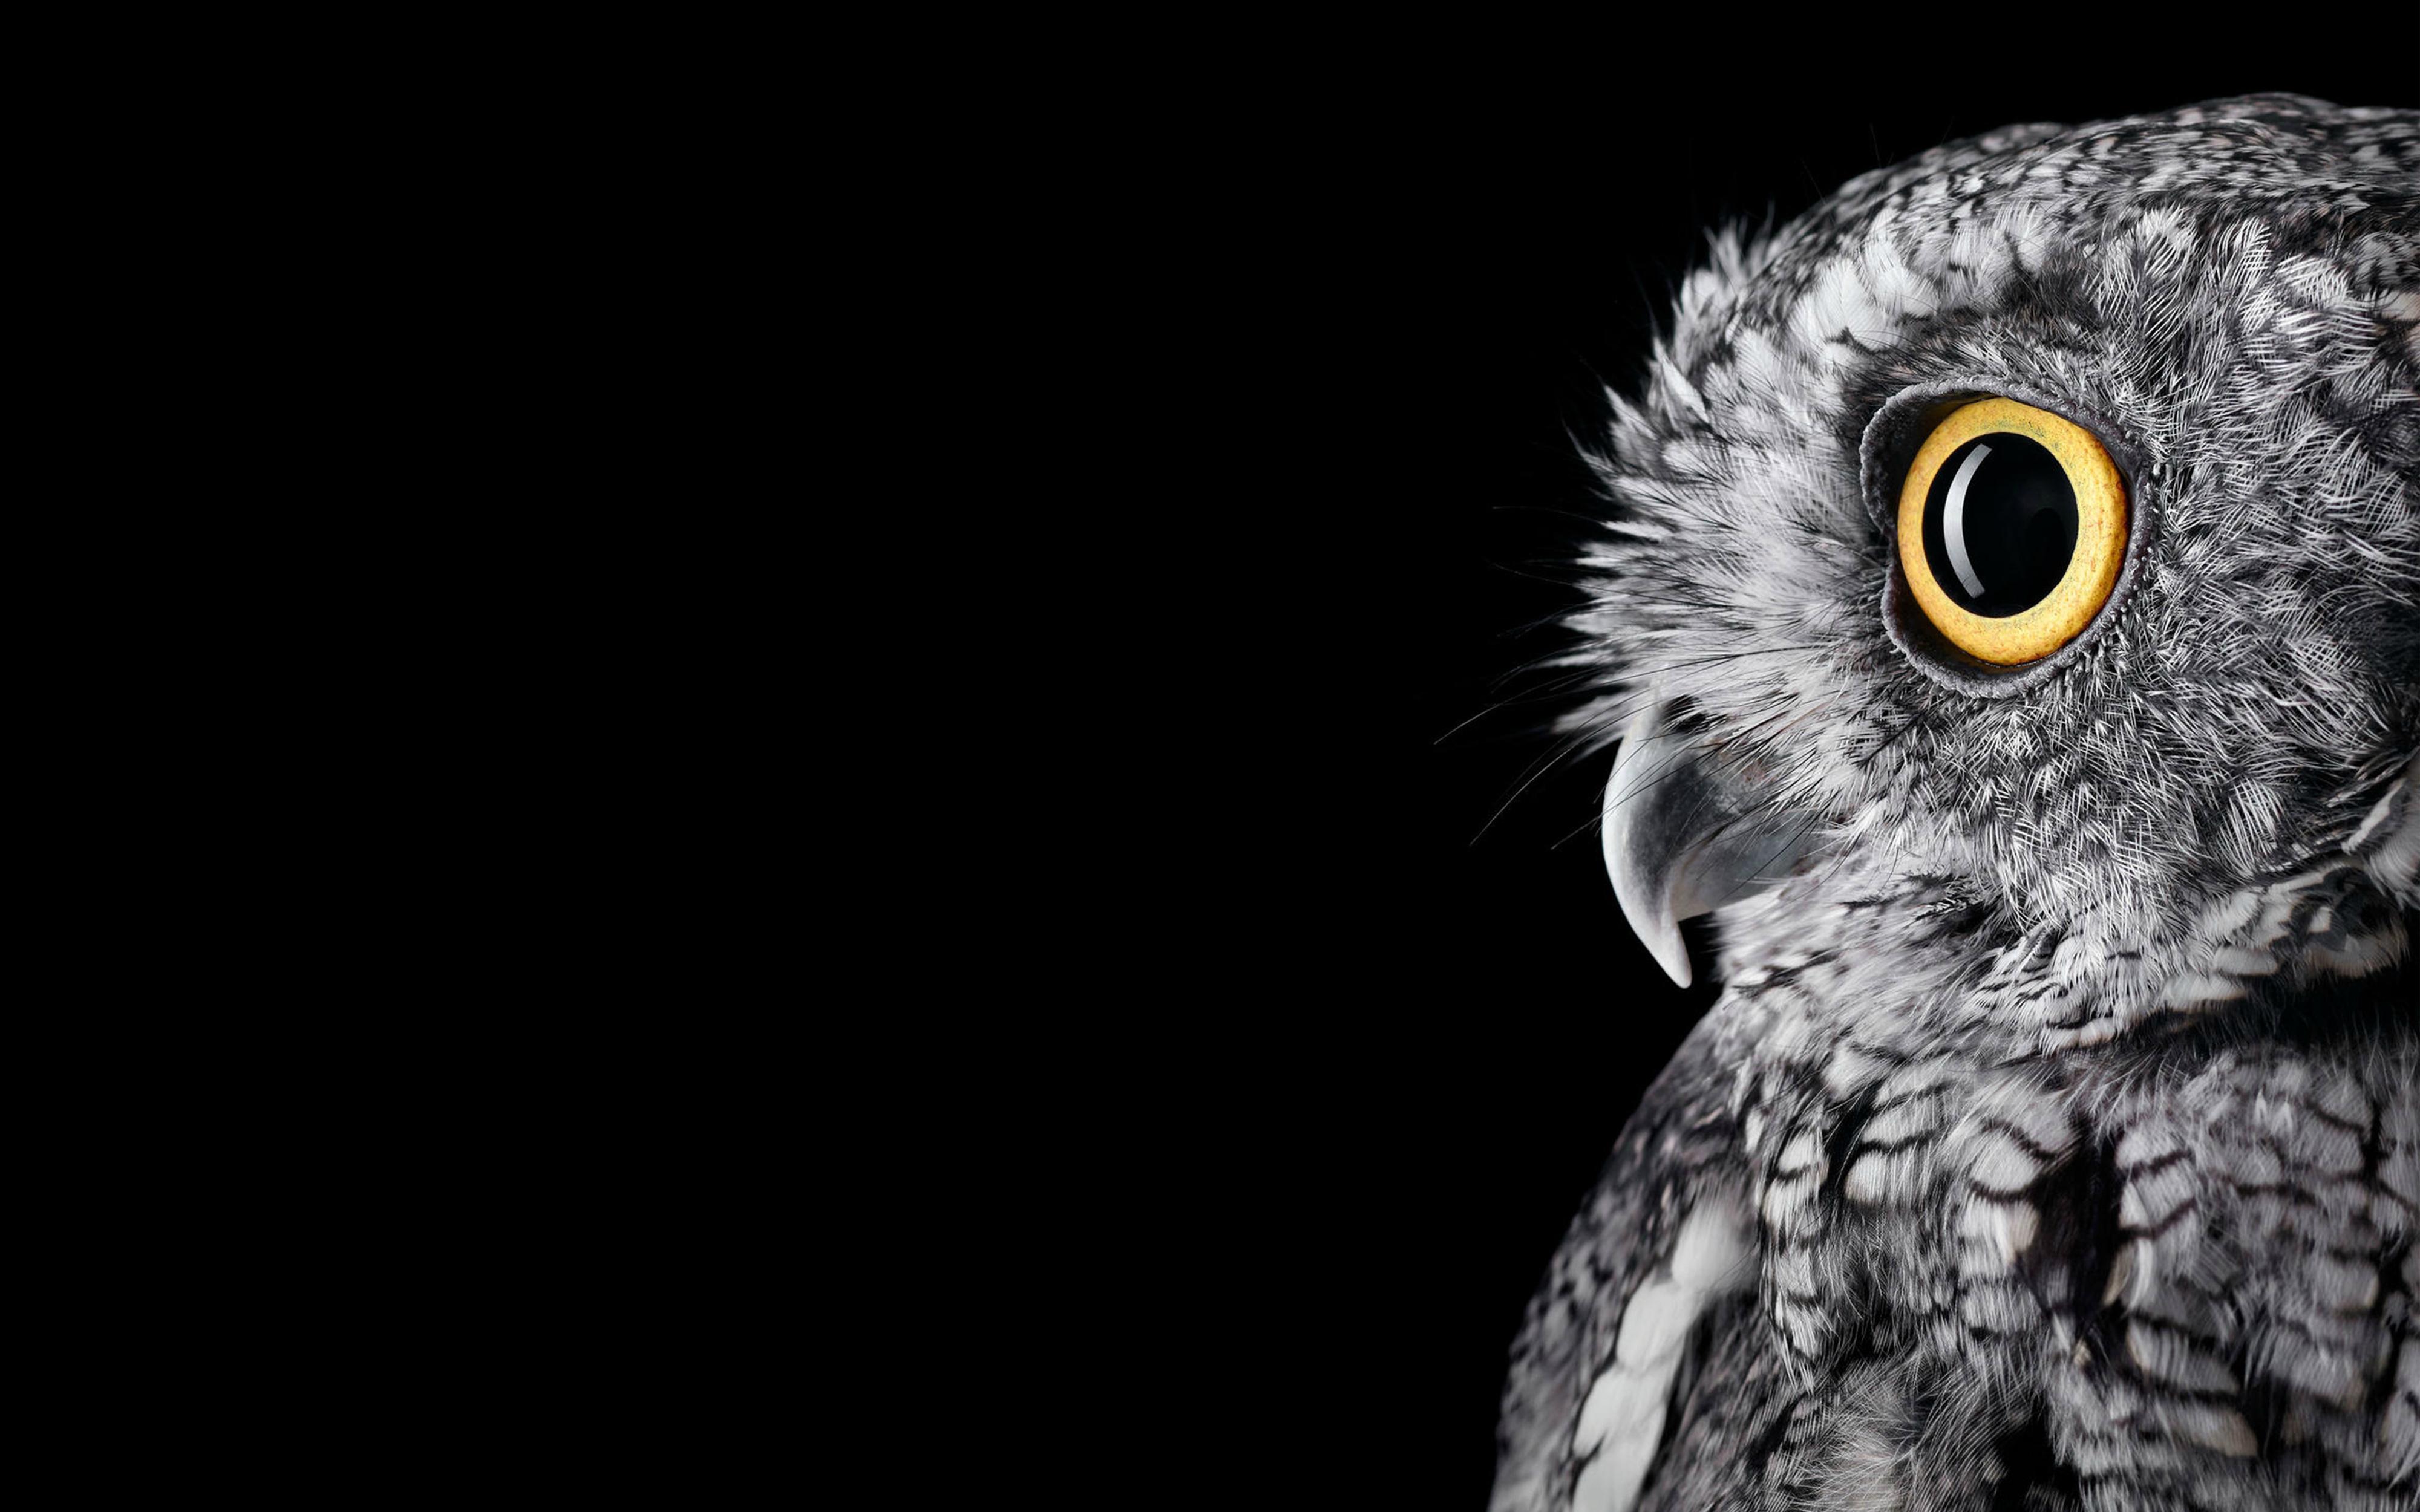 Owl 5k. обои скачать